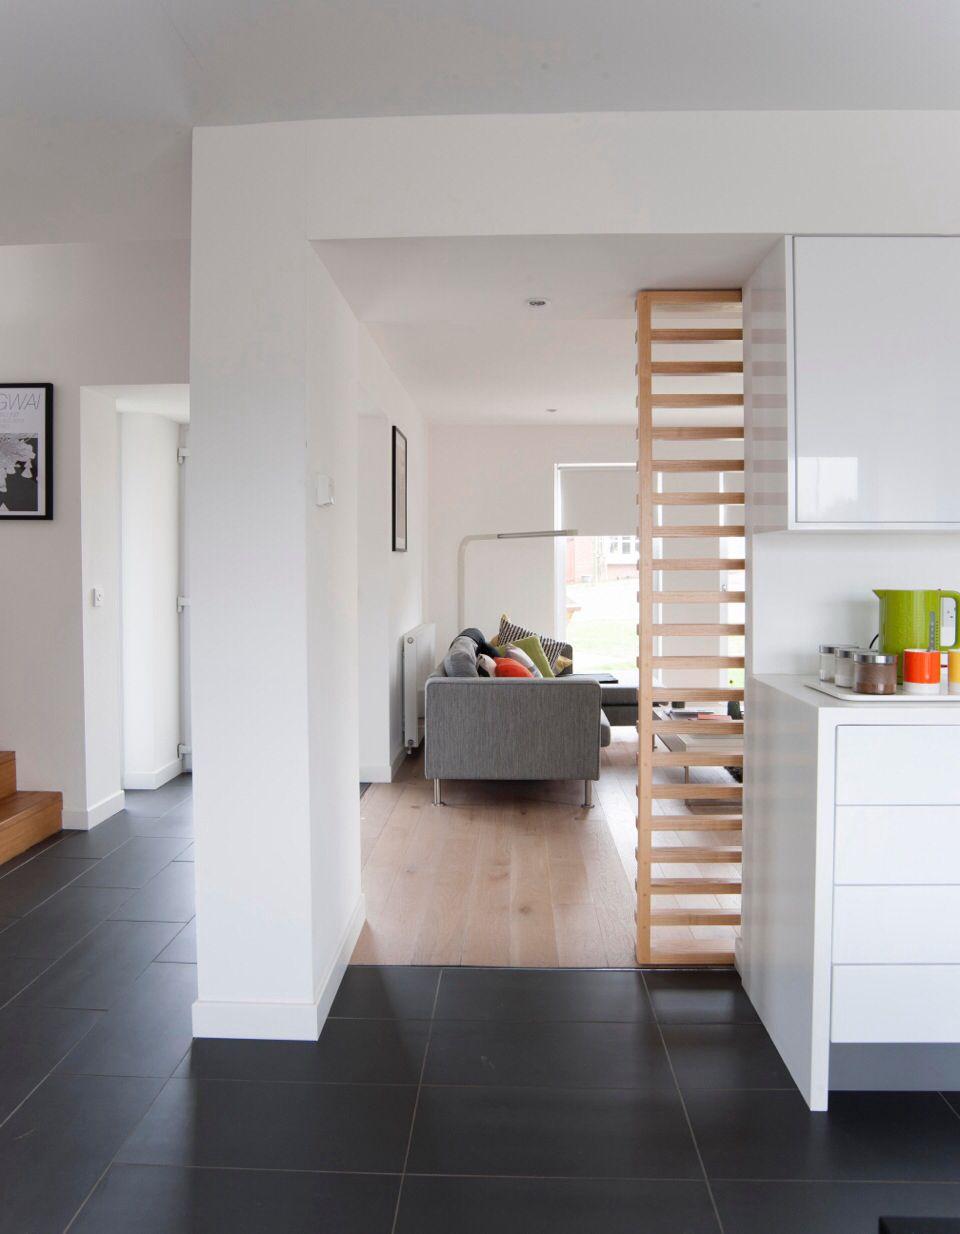 Afa Küchen  Werken & Bauen - Diy-anleitungen  Tisch, Tischdesign